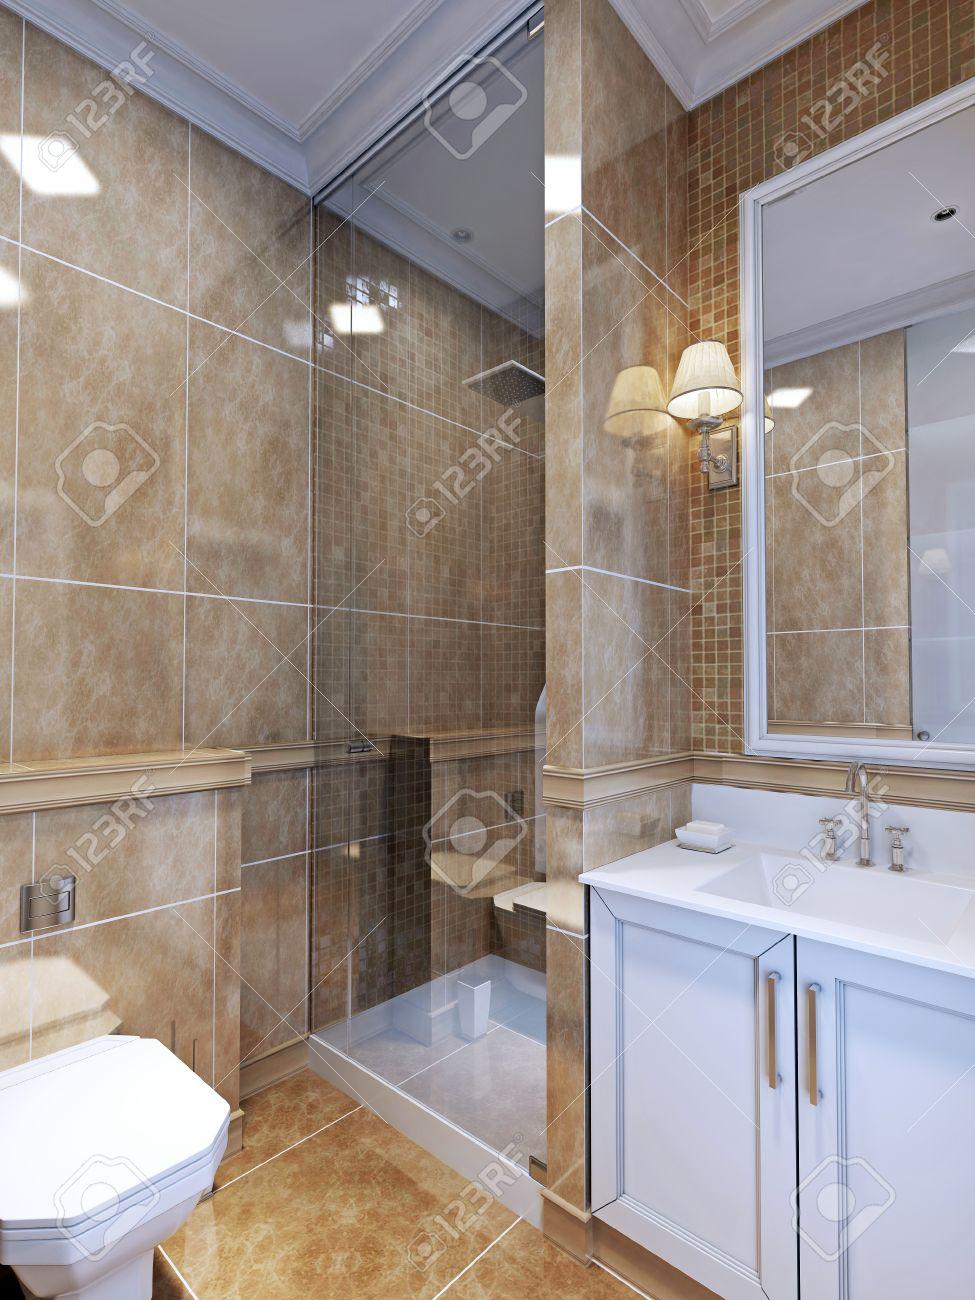 46194813 salle de bains de style art dco une salle de bain complte qui se trouve sur la petite taille natural cjpg